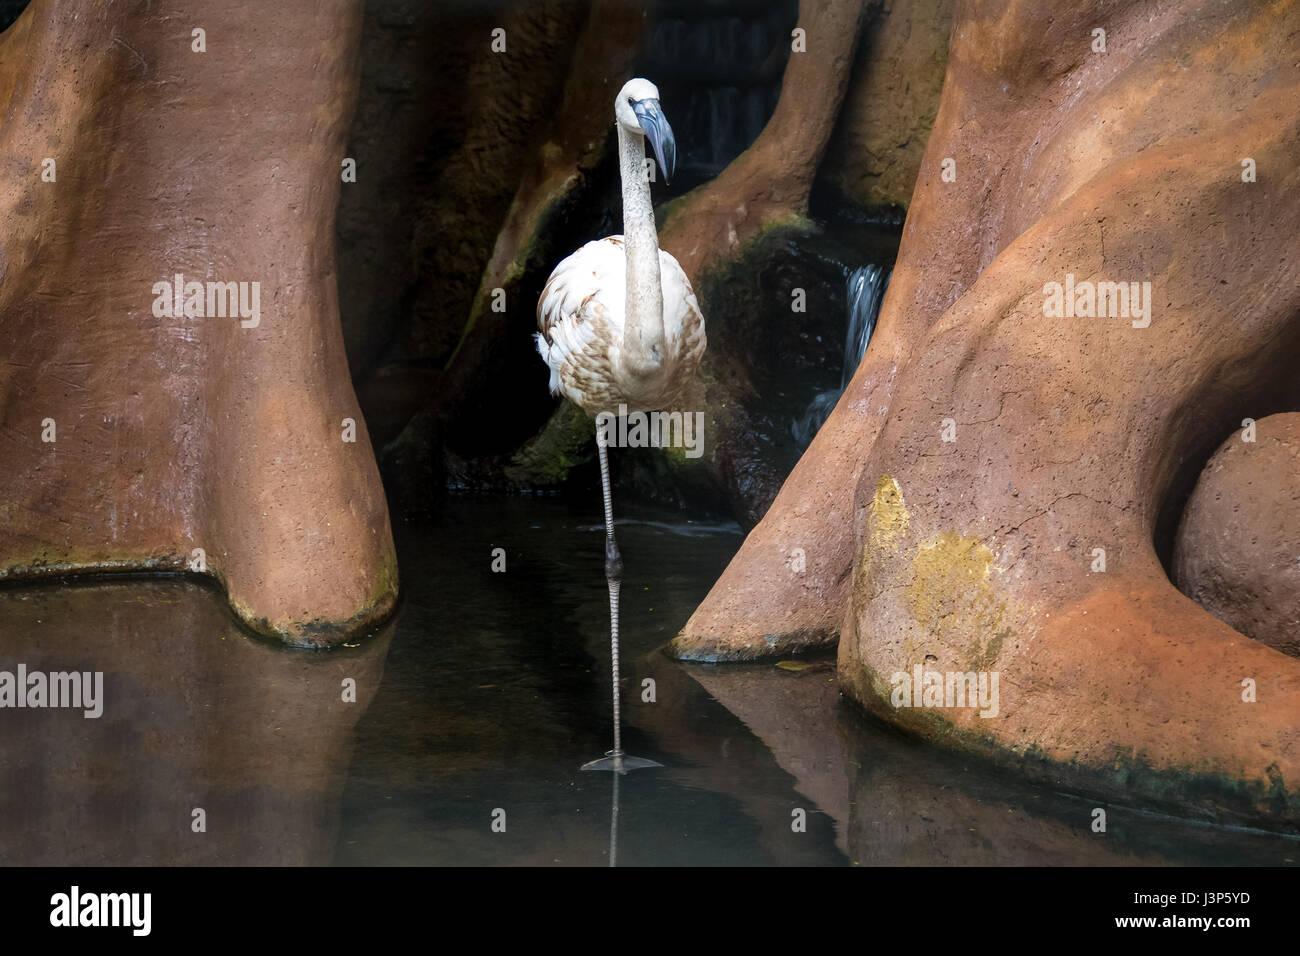 Flamingo at Parque das Aves - Foz do Iguacu, Parana, Brazil - Stock Image